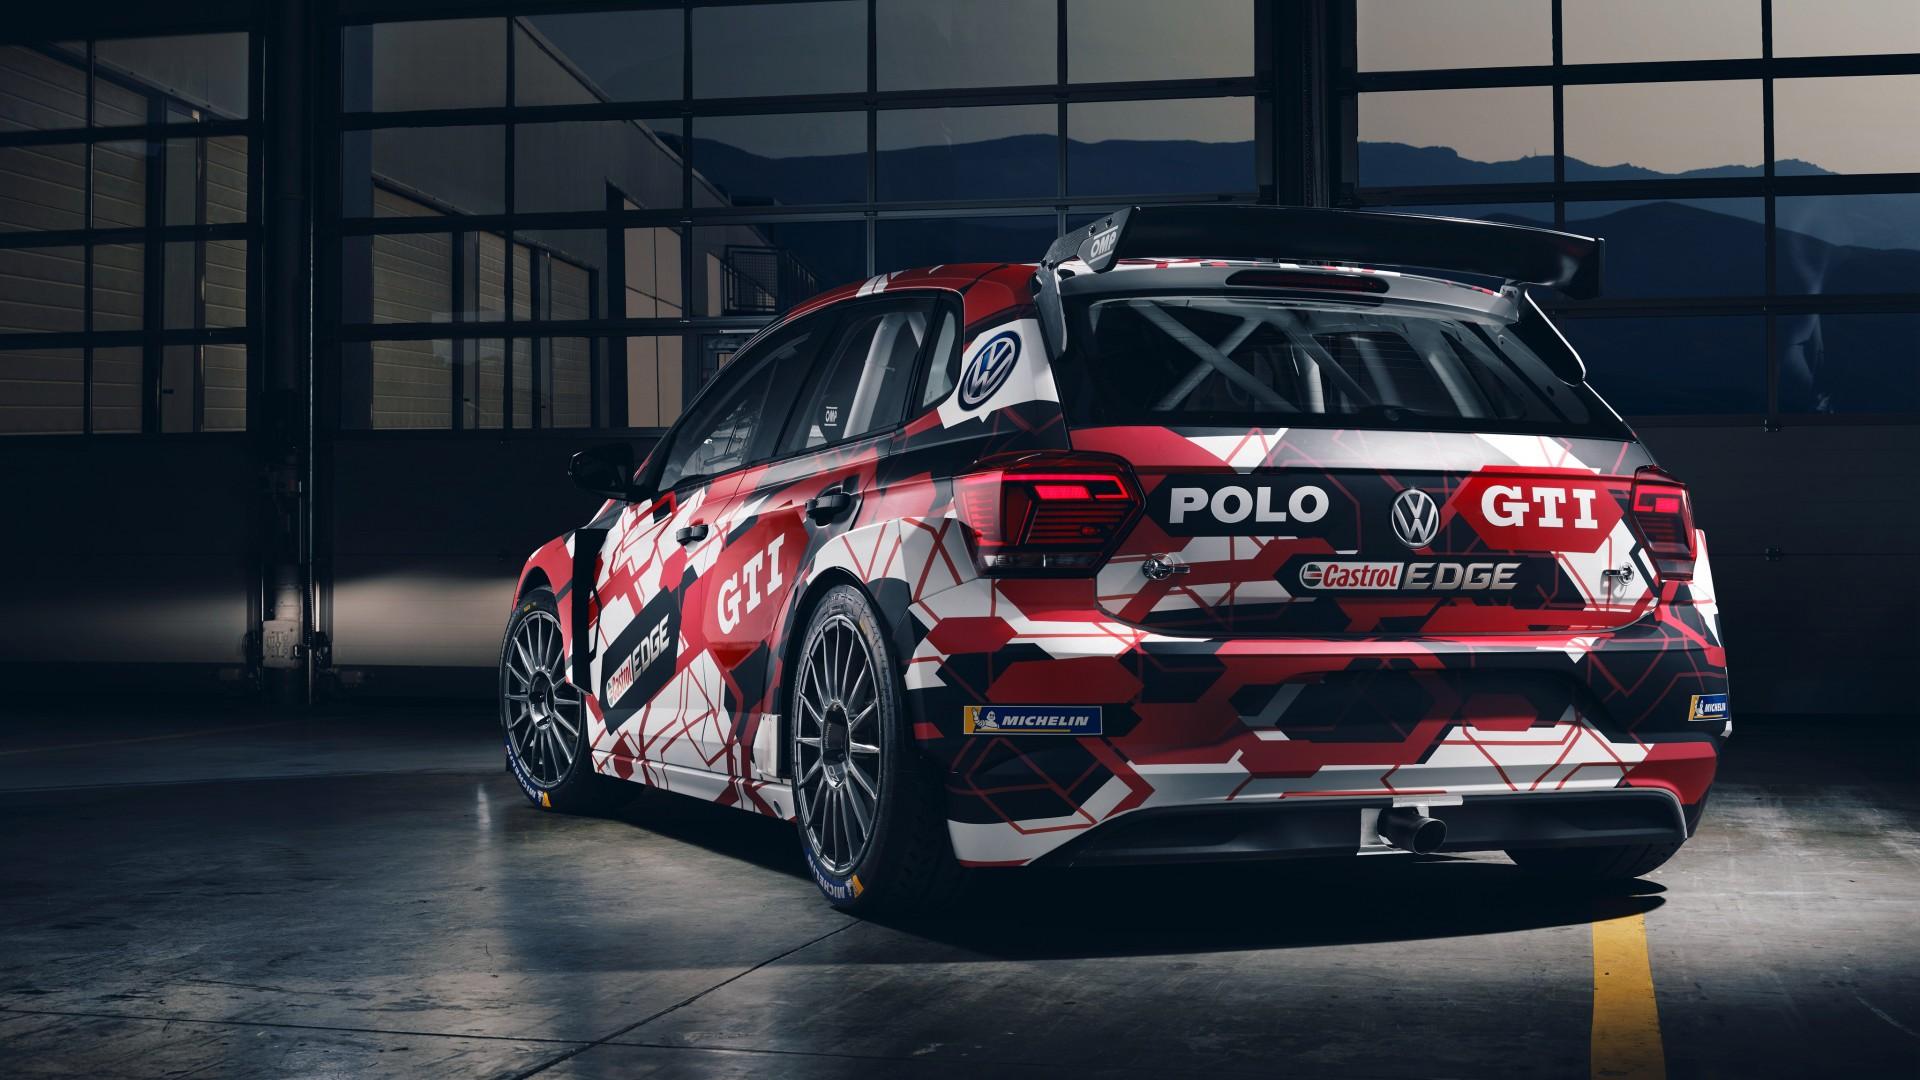 Volkswagen Polo GTI R5 4K 2 Wallpaper | HD Car Wallpapers ...